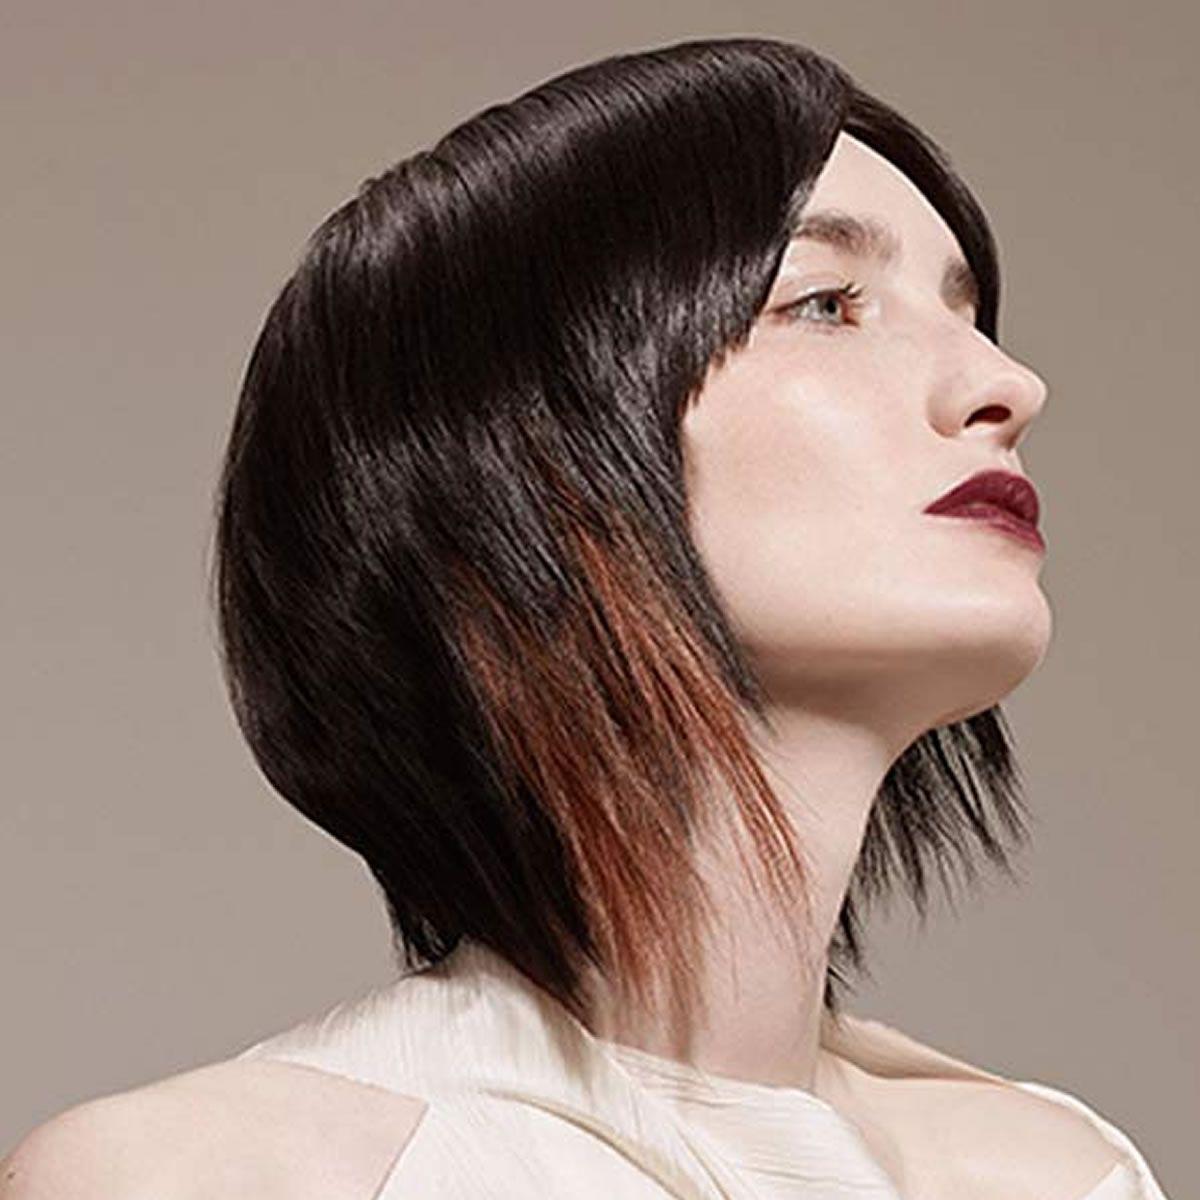 Eighties female haircut sessun haircut 62